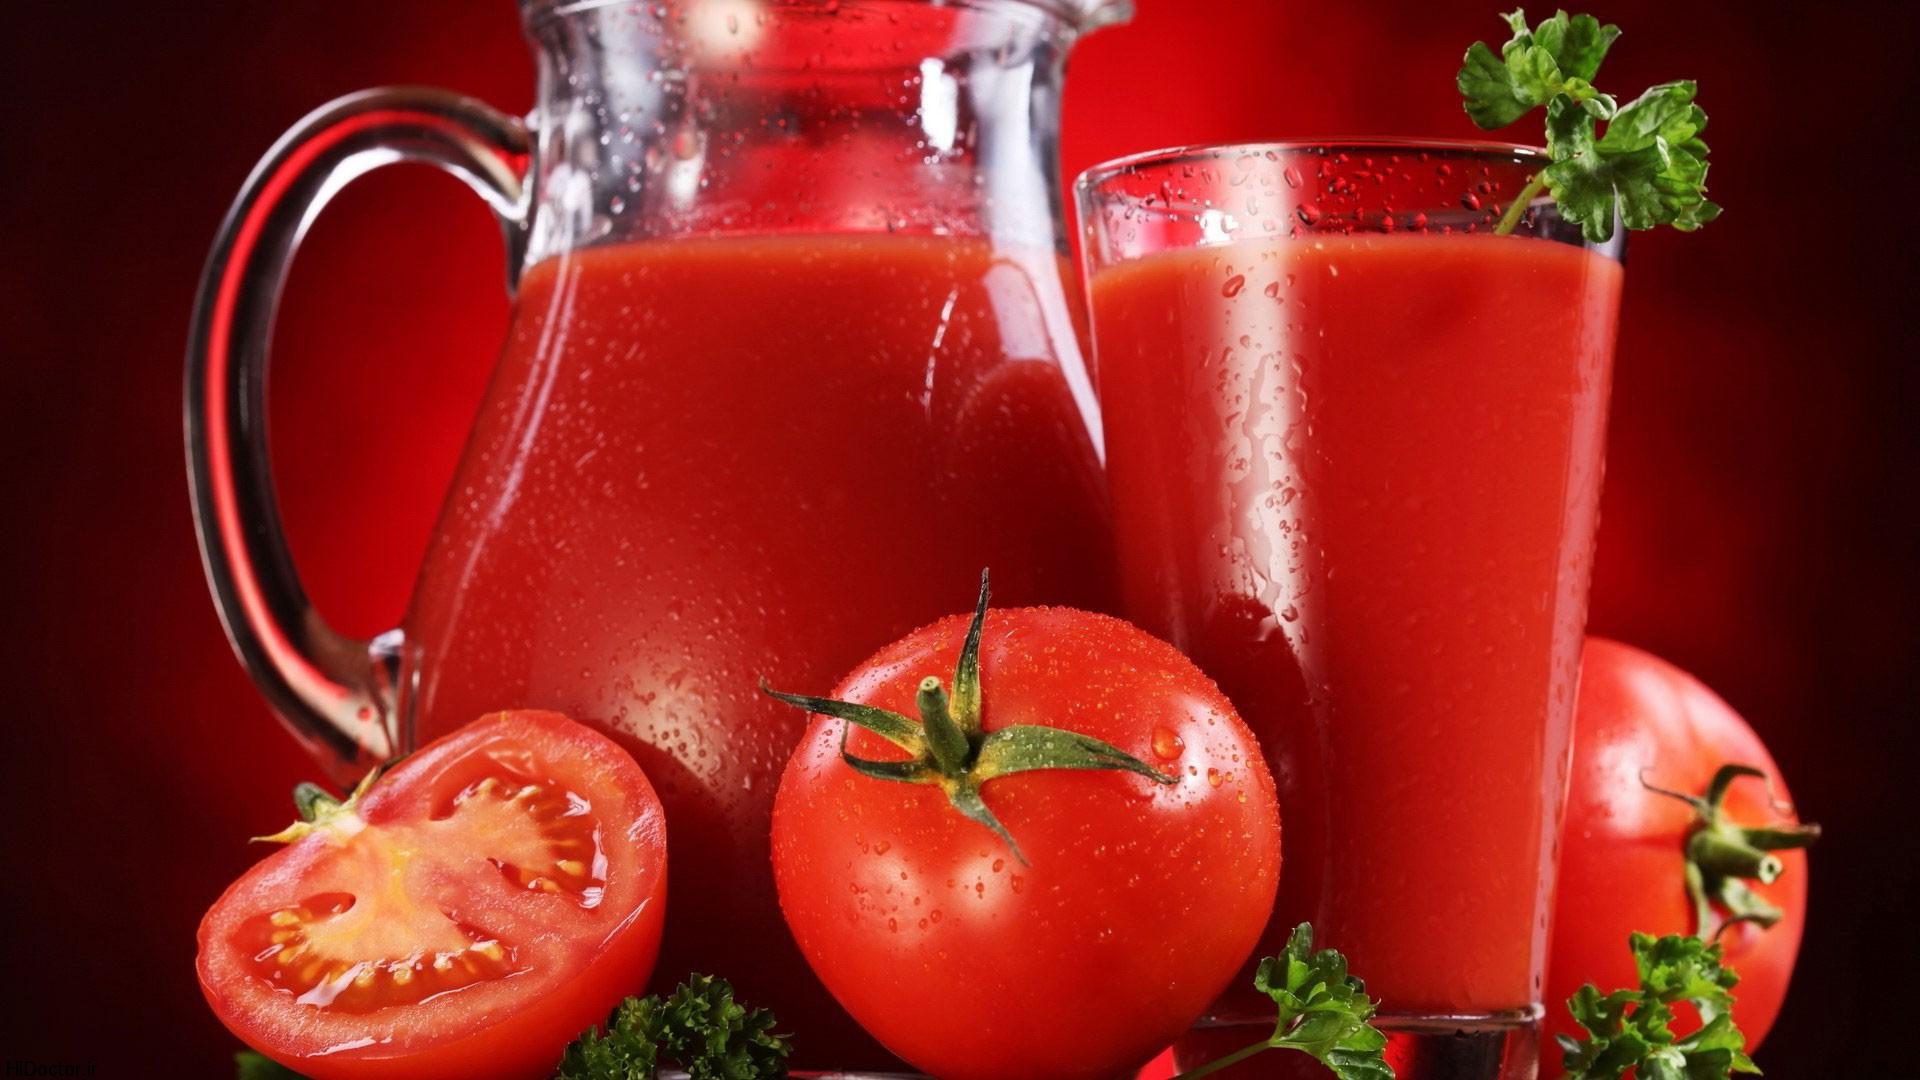 مصرف این ماده غذایی را پیش از ورزش فراموش نکنید/ نوشیدن آب در روز به چه میزان ضروری است؟/ با خوردن این میوه از آلزایمر دوری کنید/ ارتباط مناسب بودن بالش با حالت خوابیدن افراد